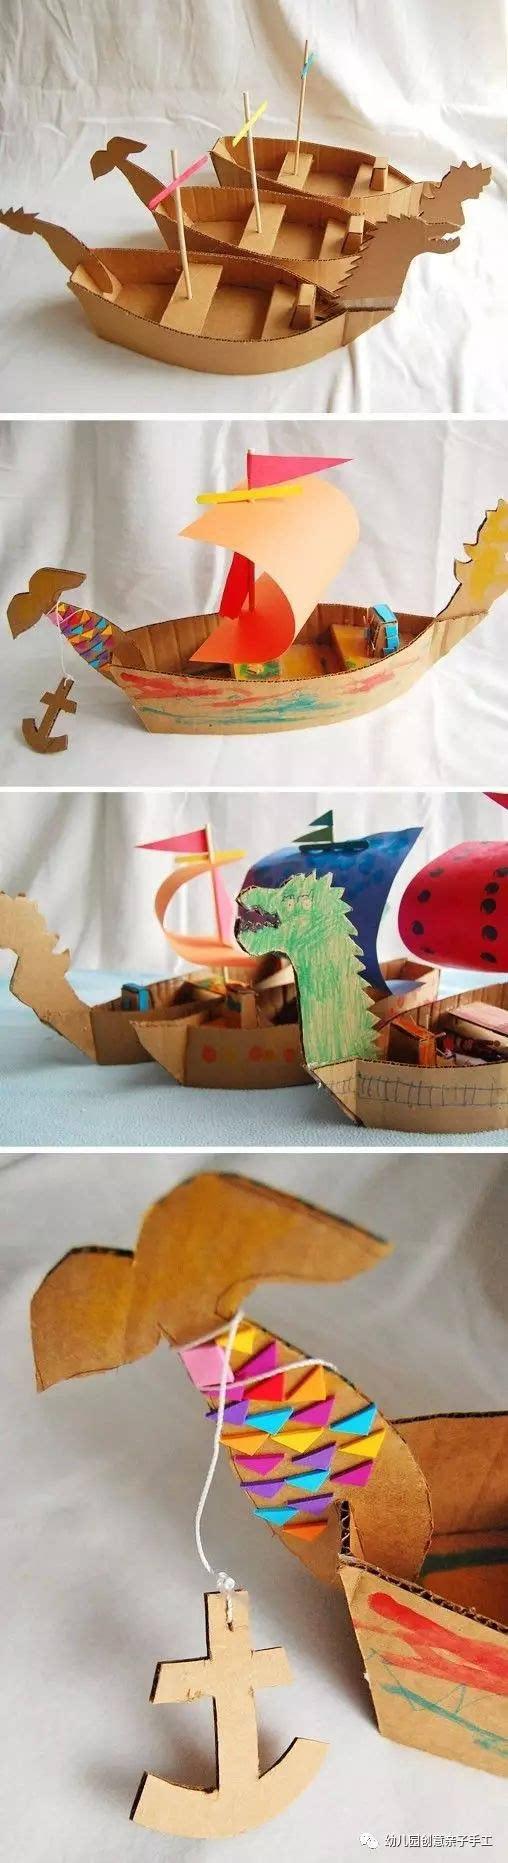 幼儿园创意亲子365bet网上娱乐_365bet y亚洲_365bet体育在线导航(kidsdiy95)